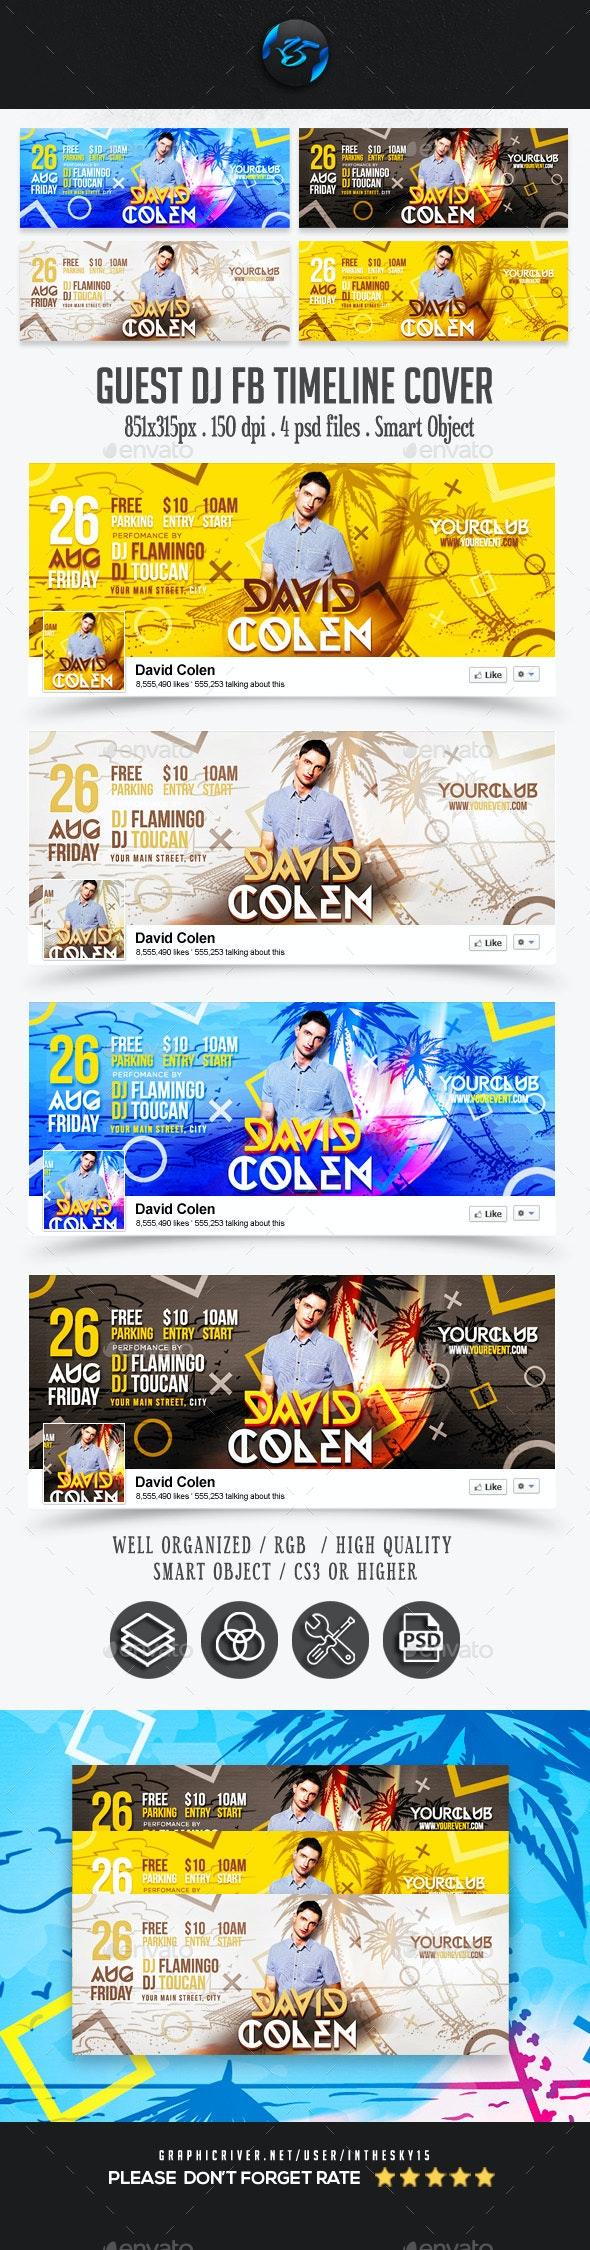 Guest DJ FB Timeline Covers - Facebook Timeline Covers Social Media